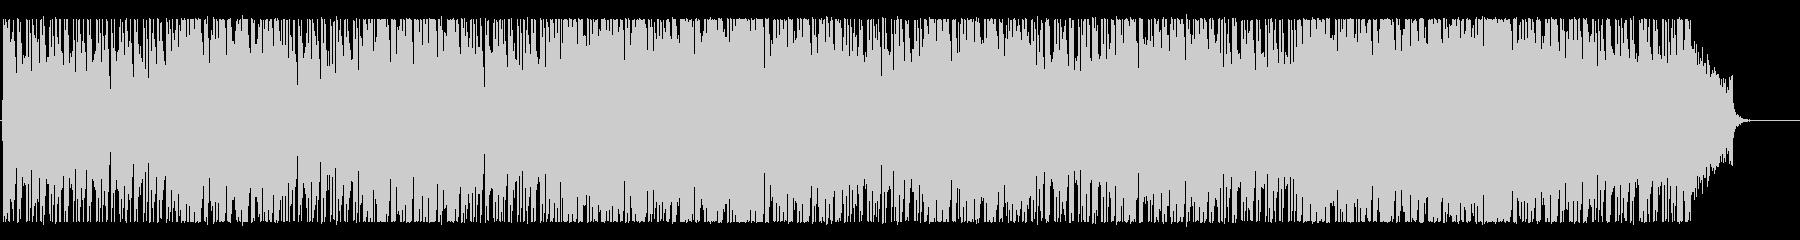 軽快でクールなBGMの未再生の波形